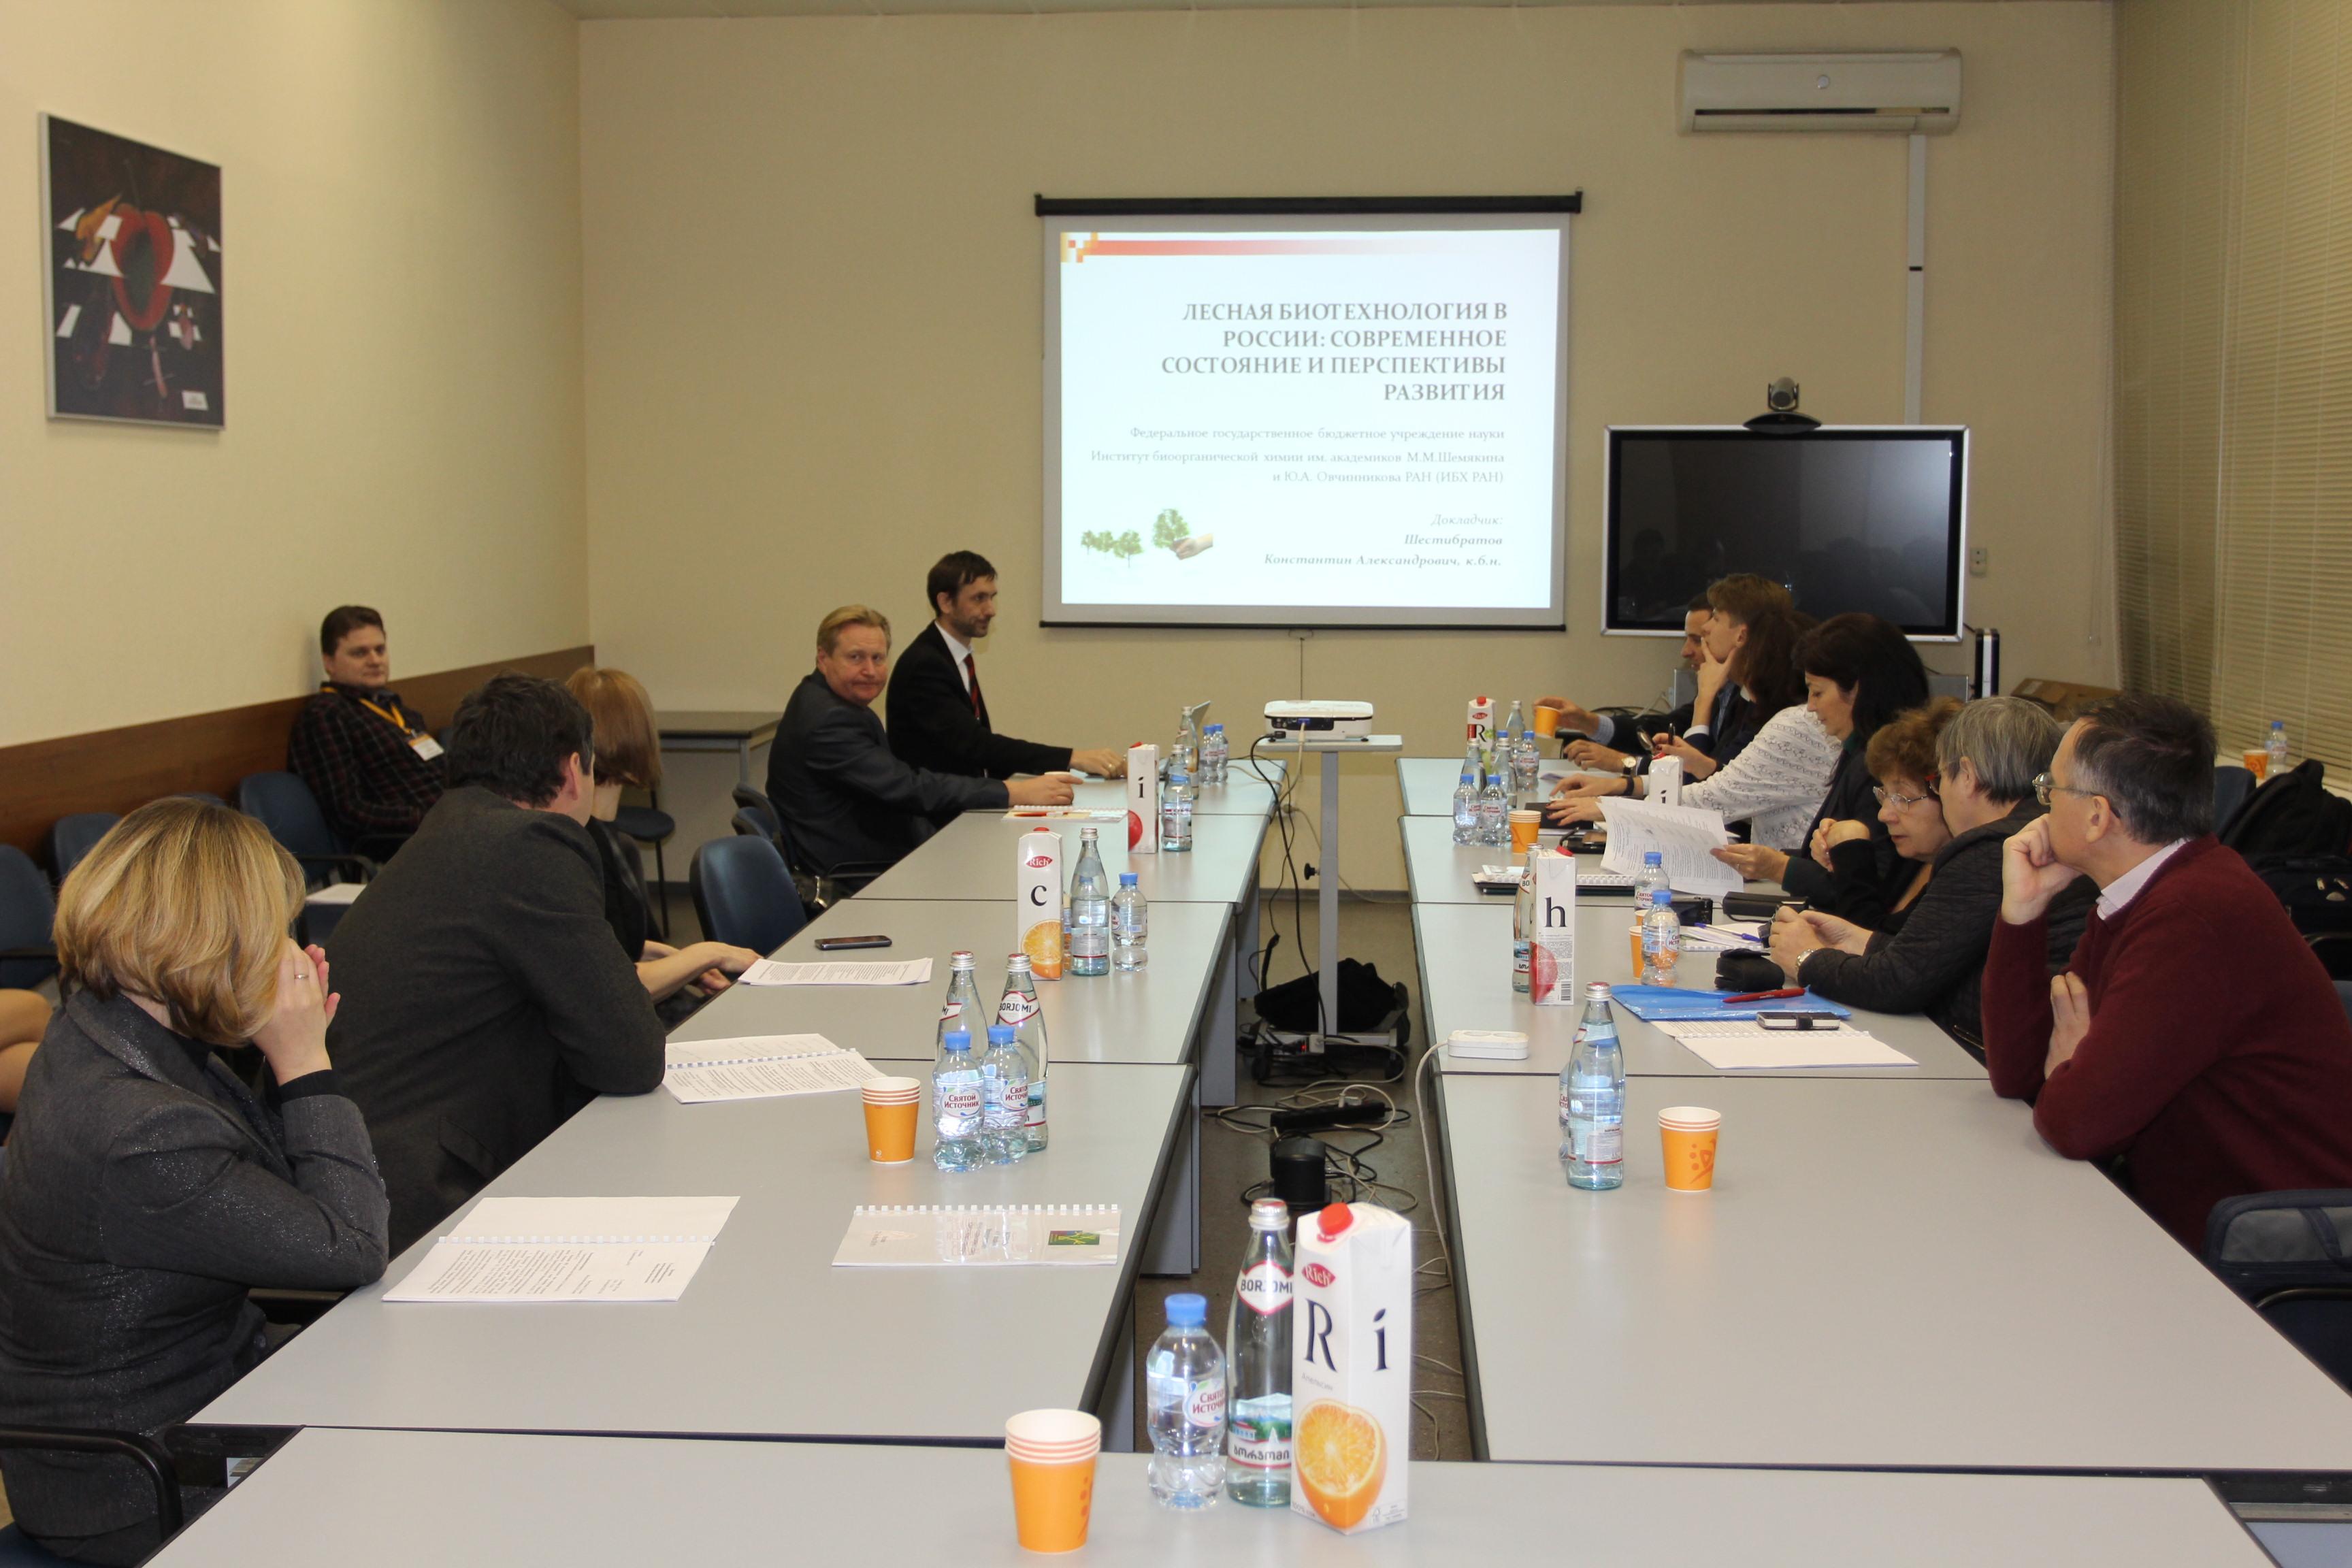 Лесные биотехнологии как элемент биоиндустрии России